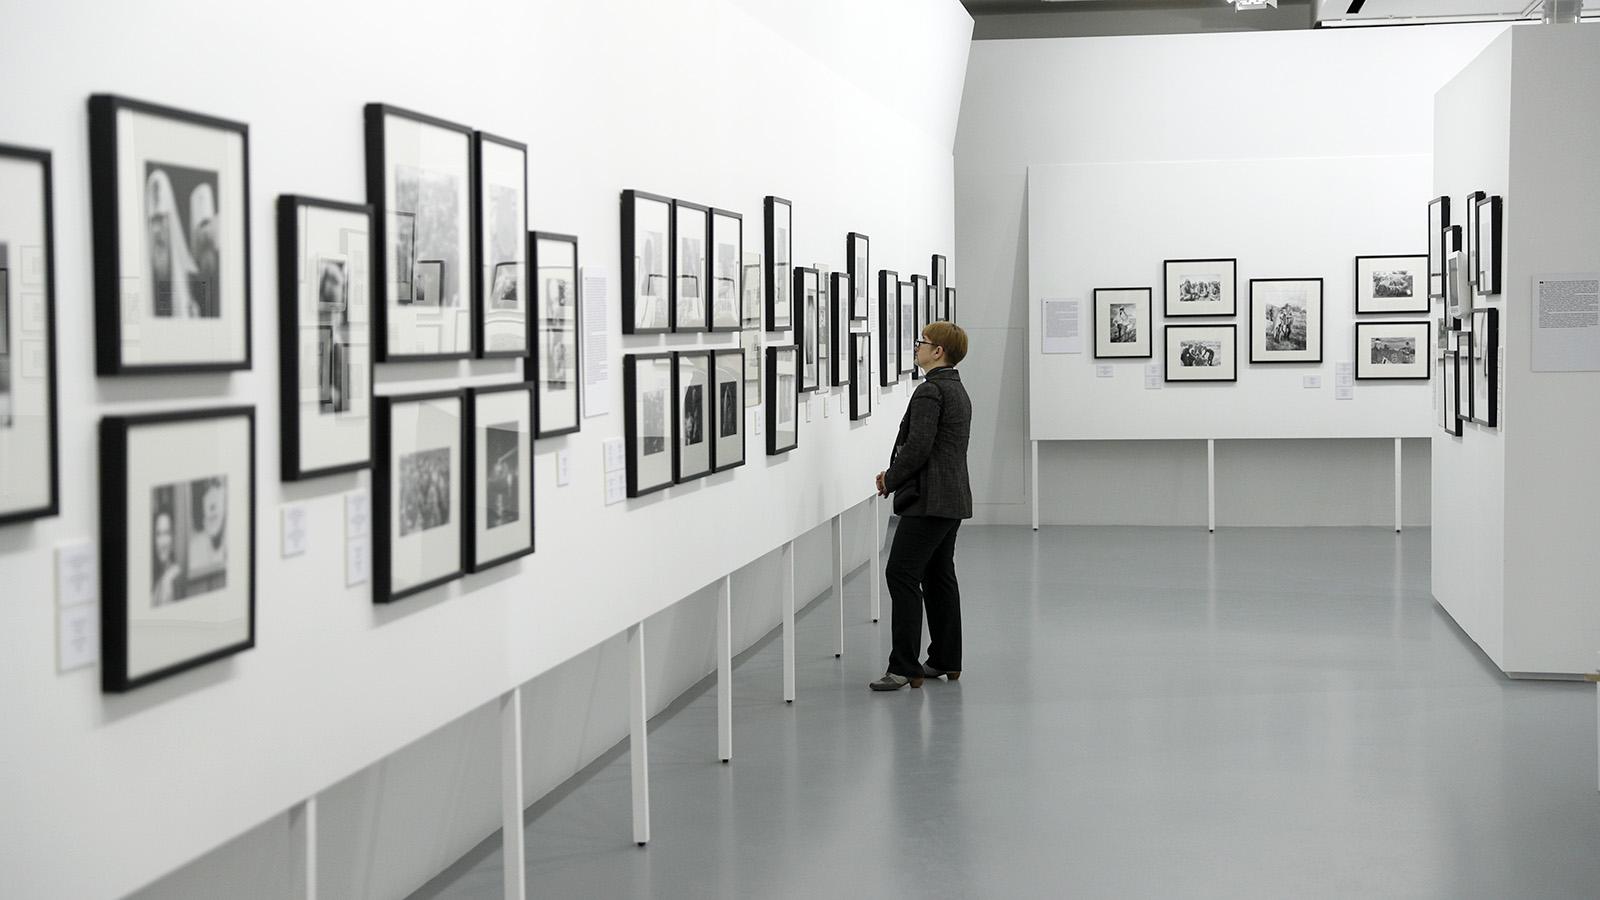 На выставке, в том числе, представлены кадры, сделанные фотографами газеты разных лет